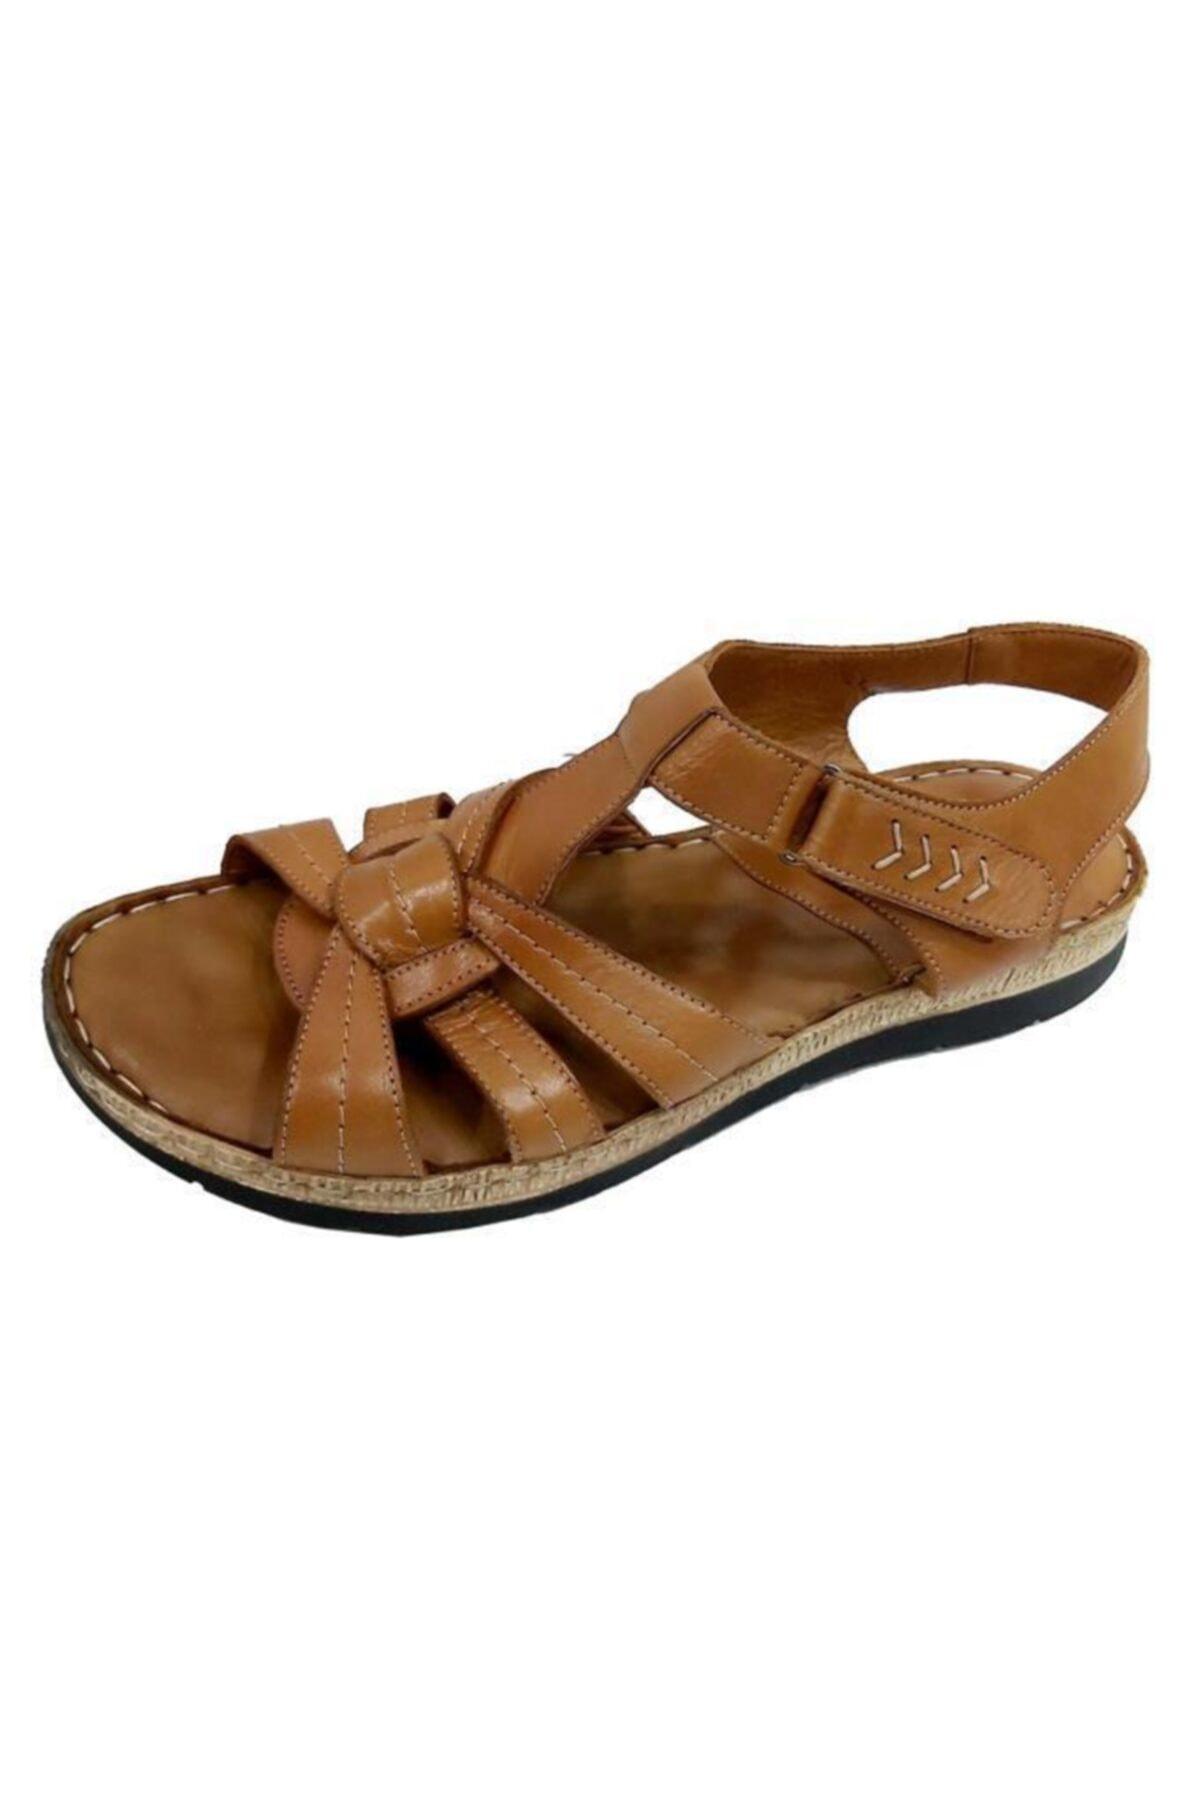 ELLANOR Kadın Kahverengi 050 Hakiki Deri Ortopetik Sandalet